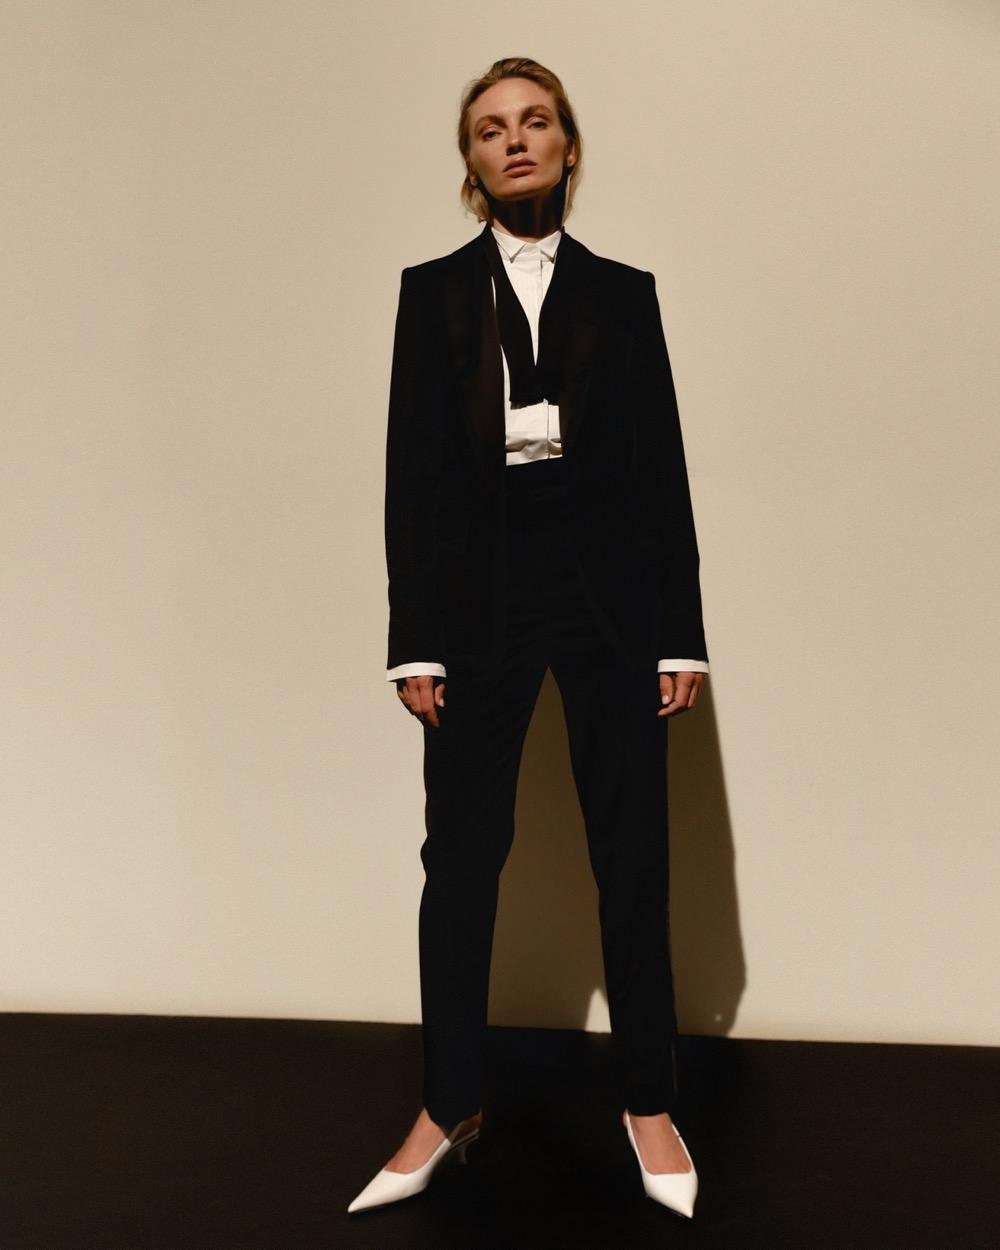 Свежий взгляд на black tie: BEZMEZH представил дебютную коллекцию стильных смокингов (ФОТО) - фото №5